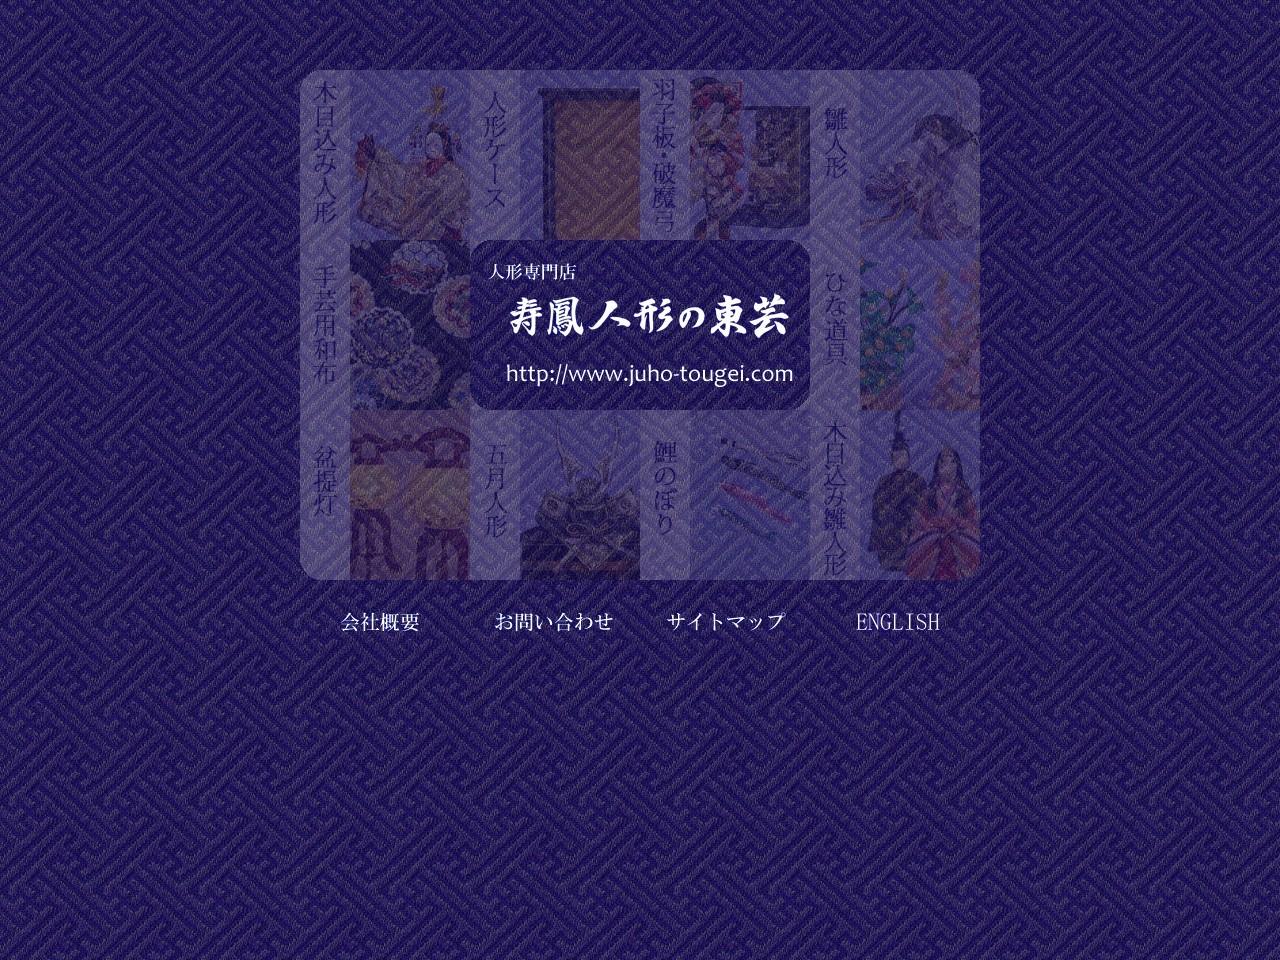 人形専門店 寿鳳人形の東芸